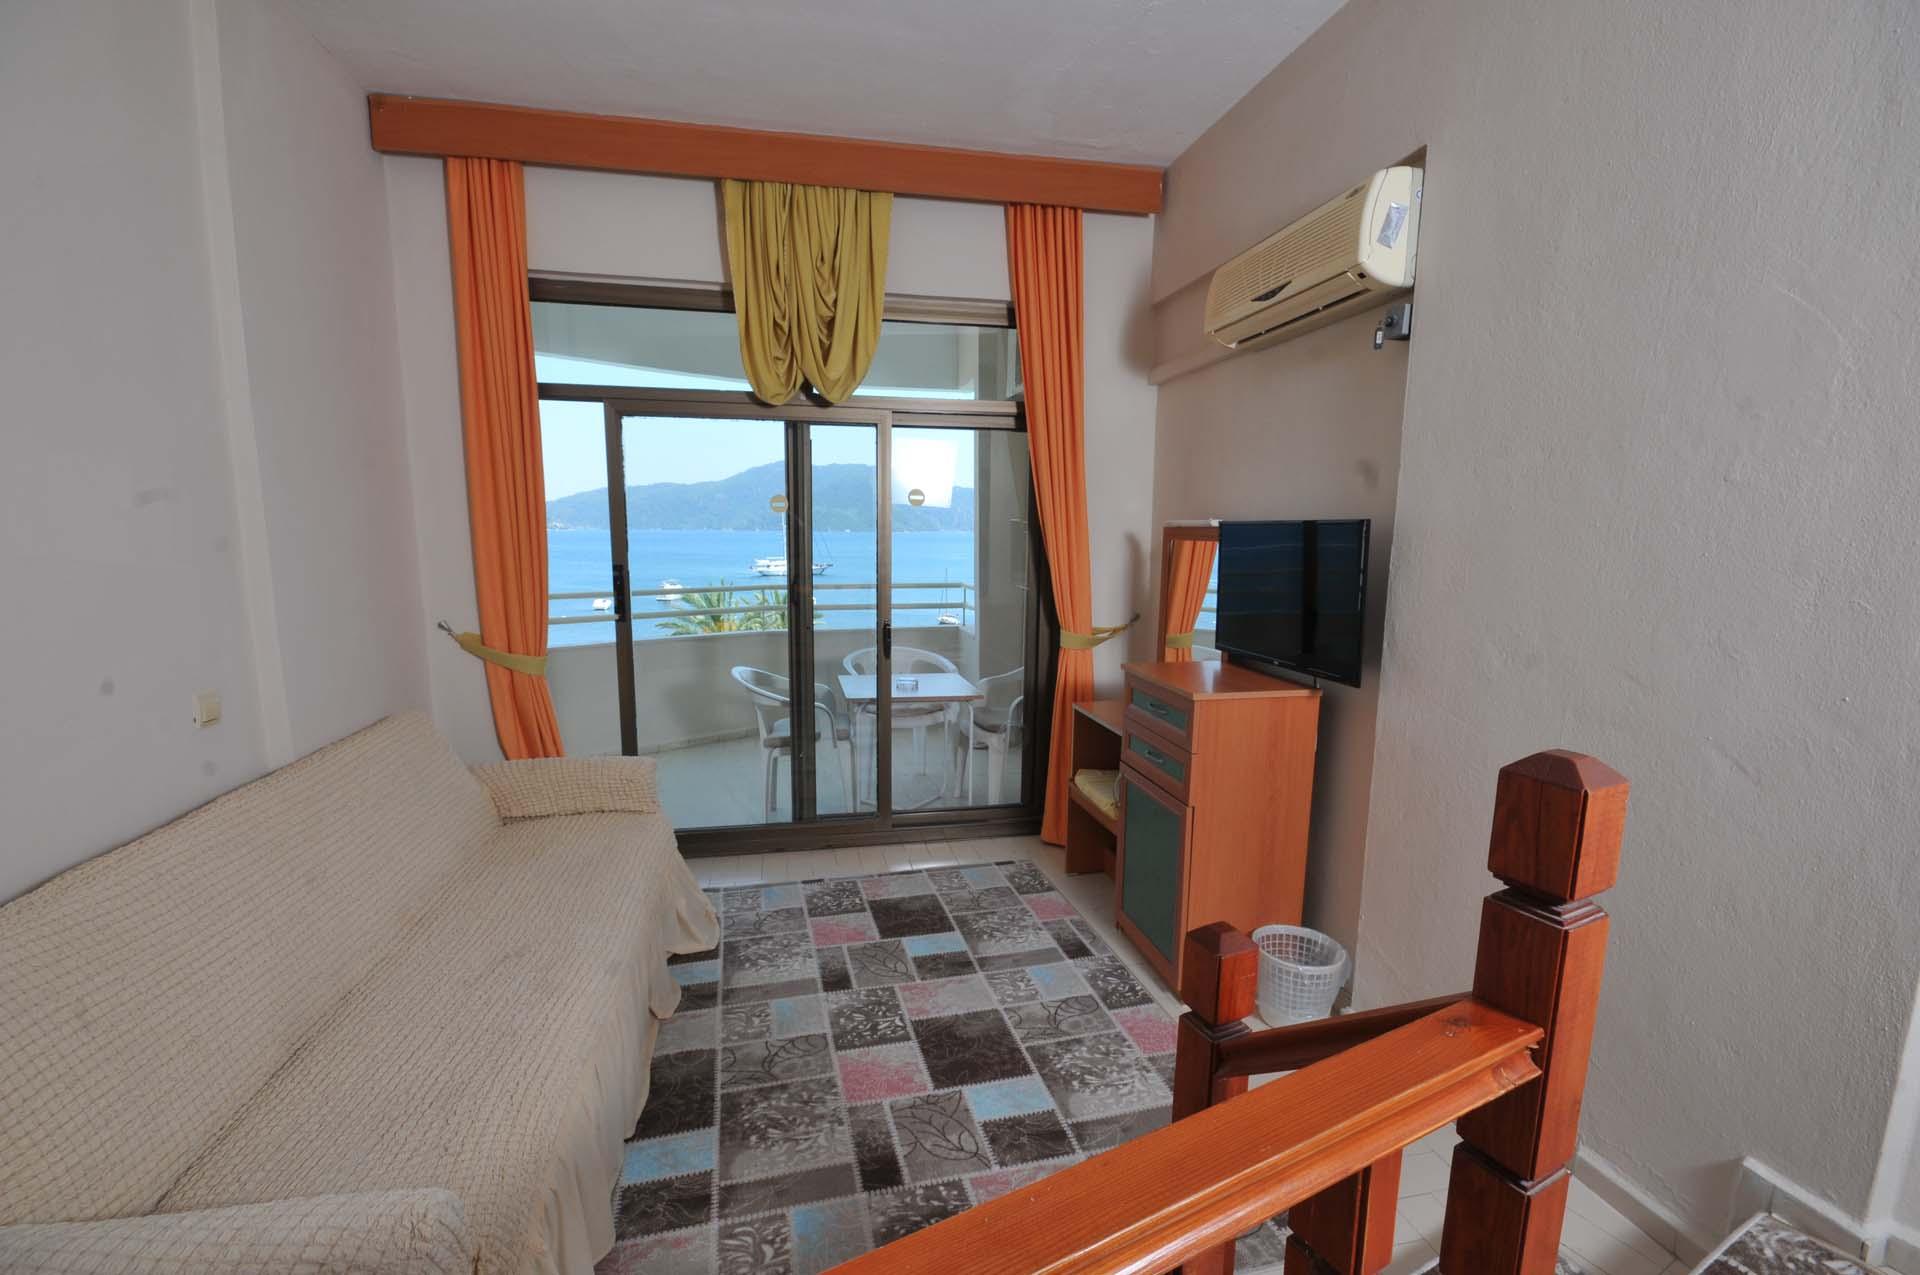 Letovanje Turska autobusom, Marmaris,Hotel Amos Marmaris soba izgled